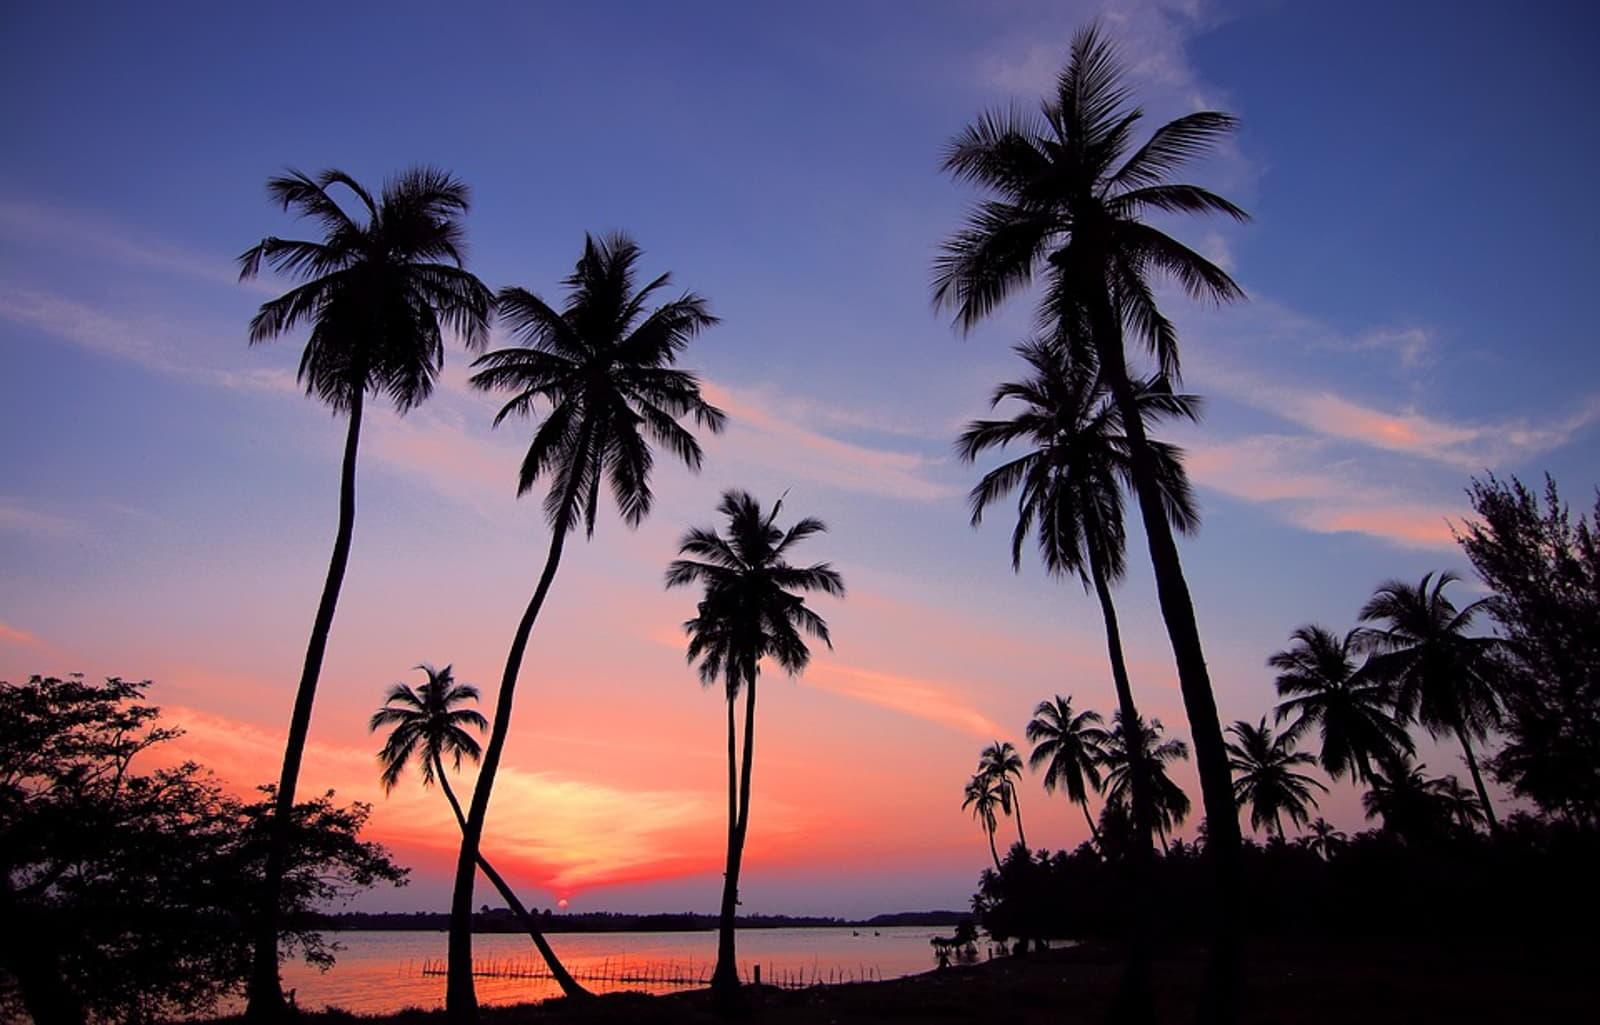 Σρι Λάνκα ηλιοβασίλεμα loveyourholidays